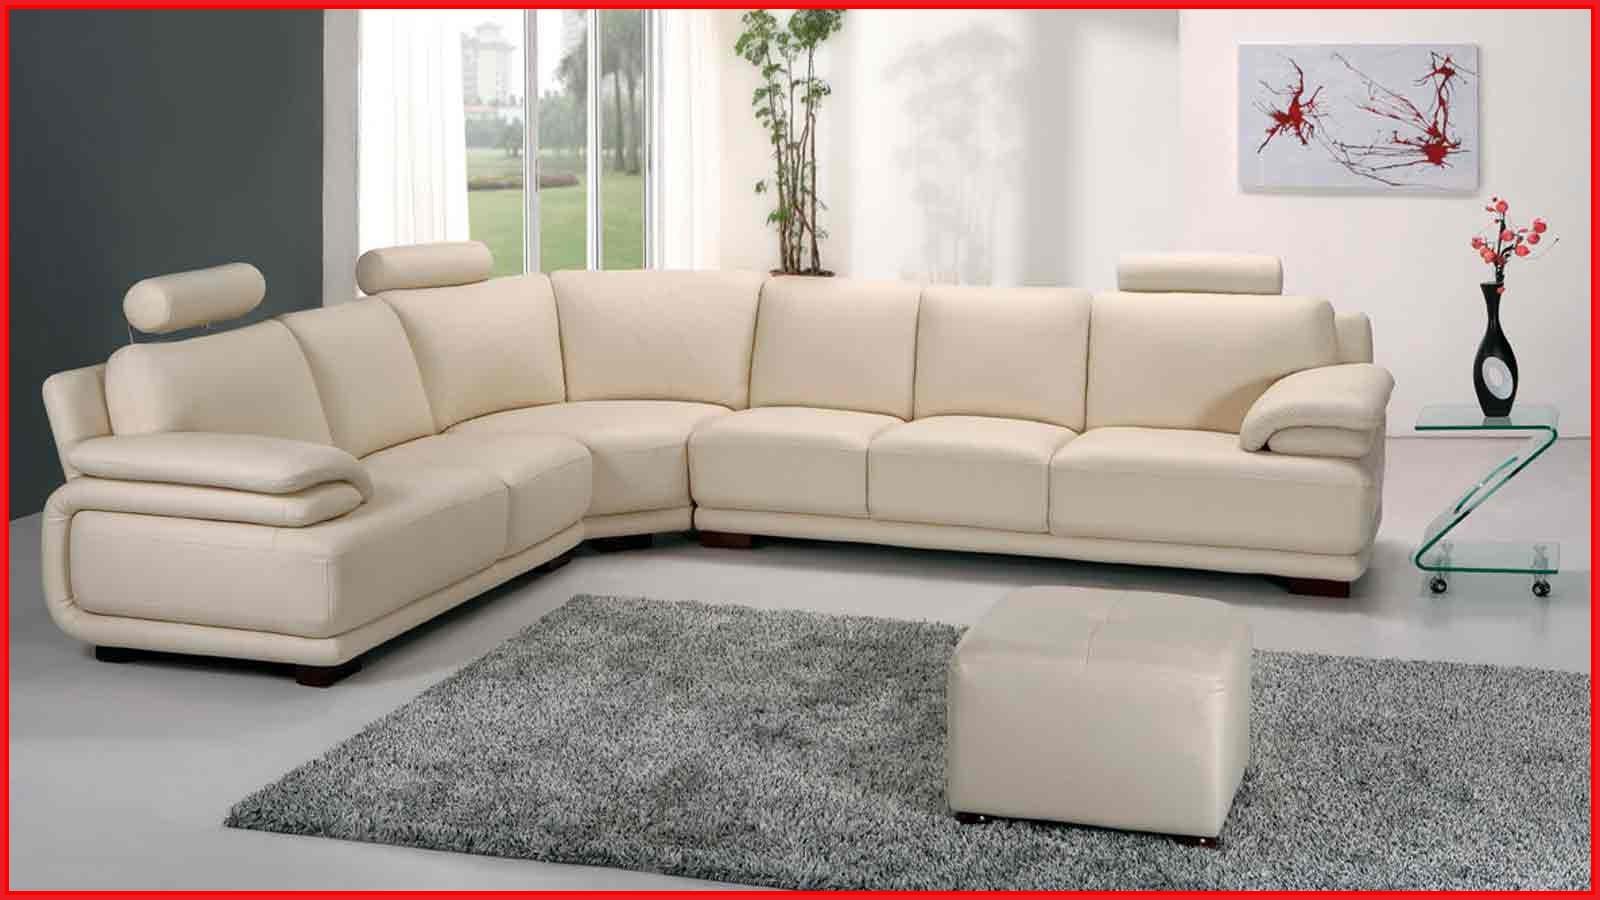 Sofas Muy Baratos O2d5 sofas Cama Baratos Segunda Mano sofas Cama De Segunda Mano En